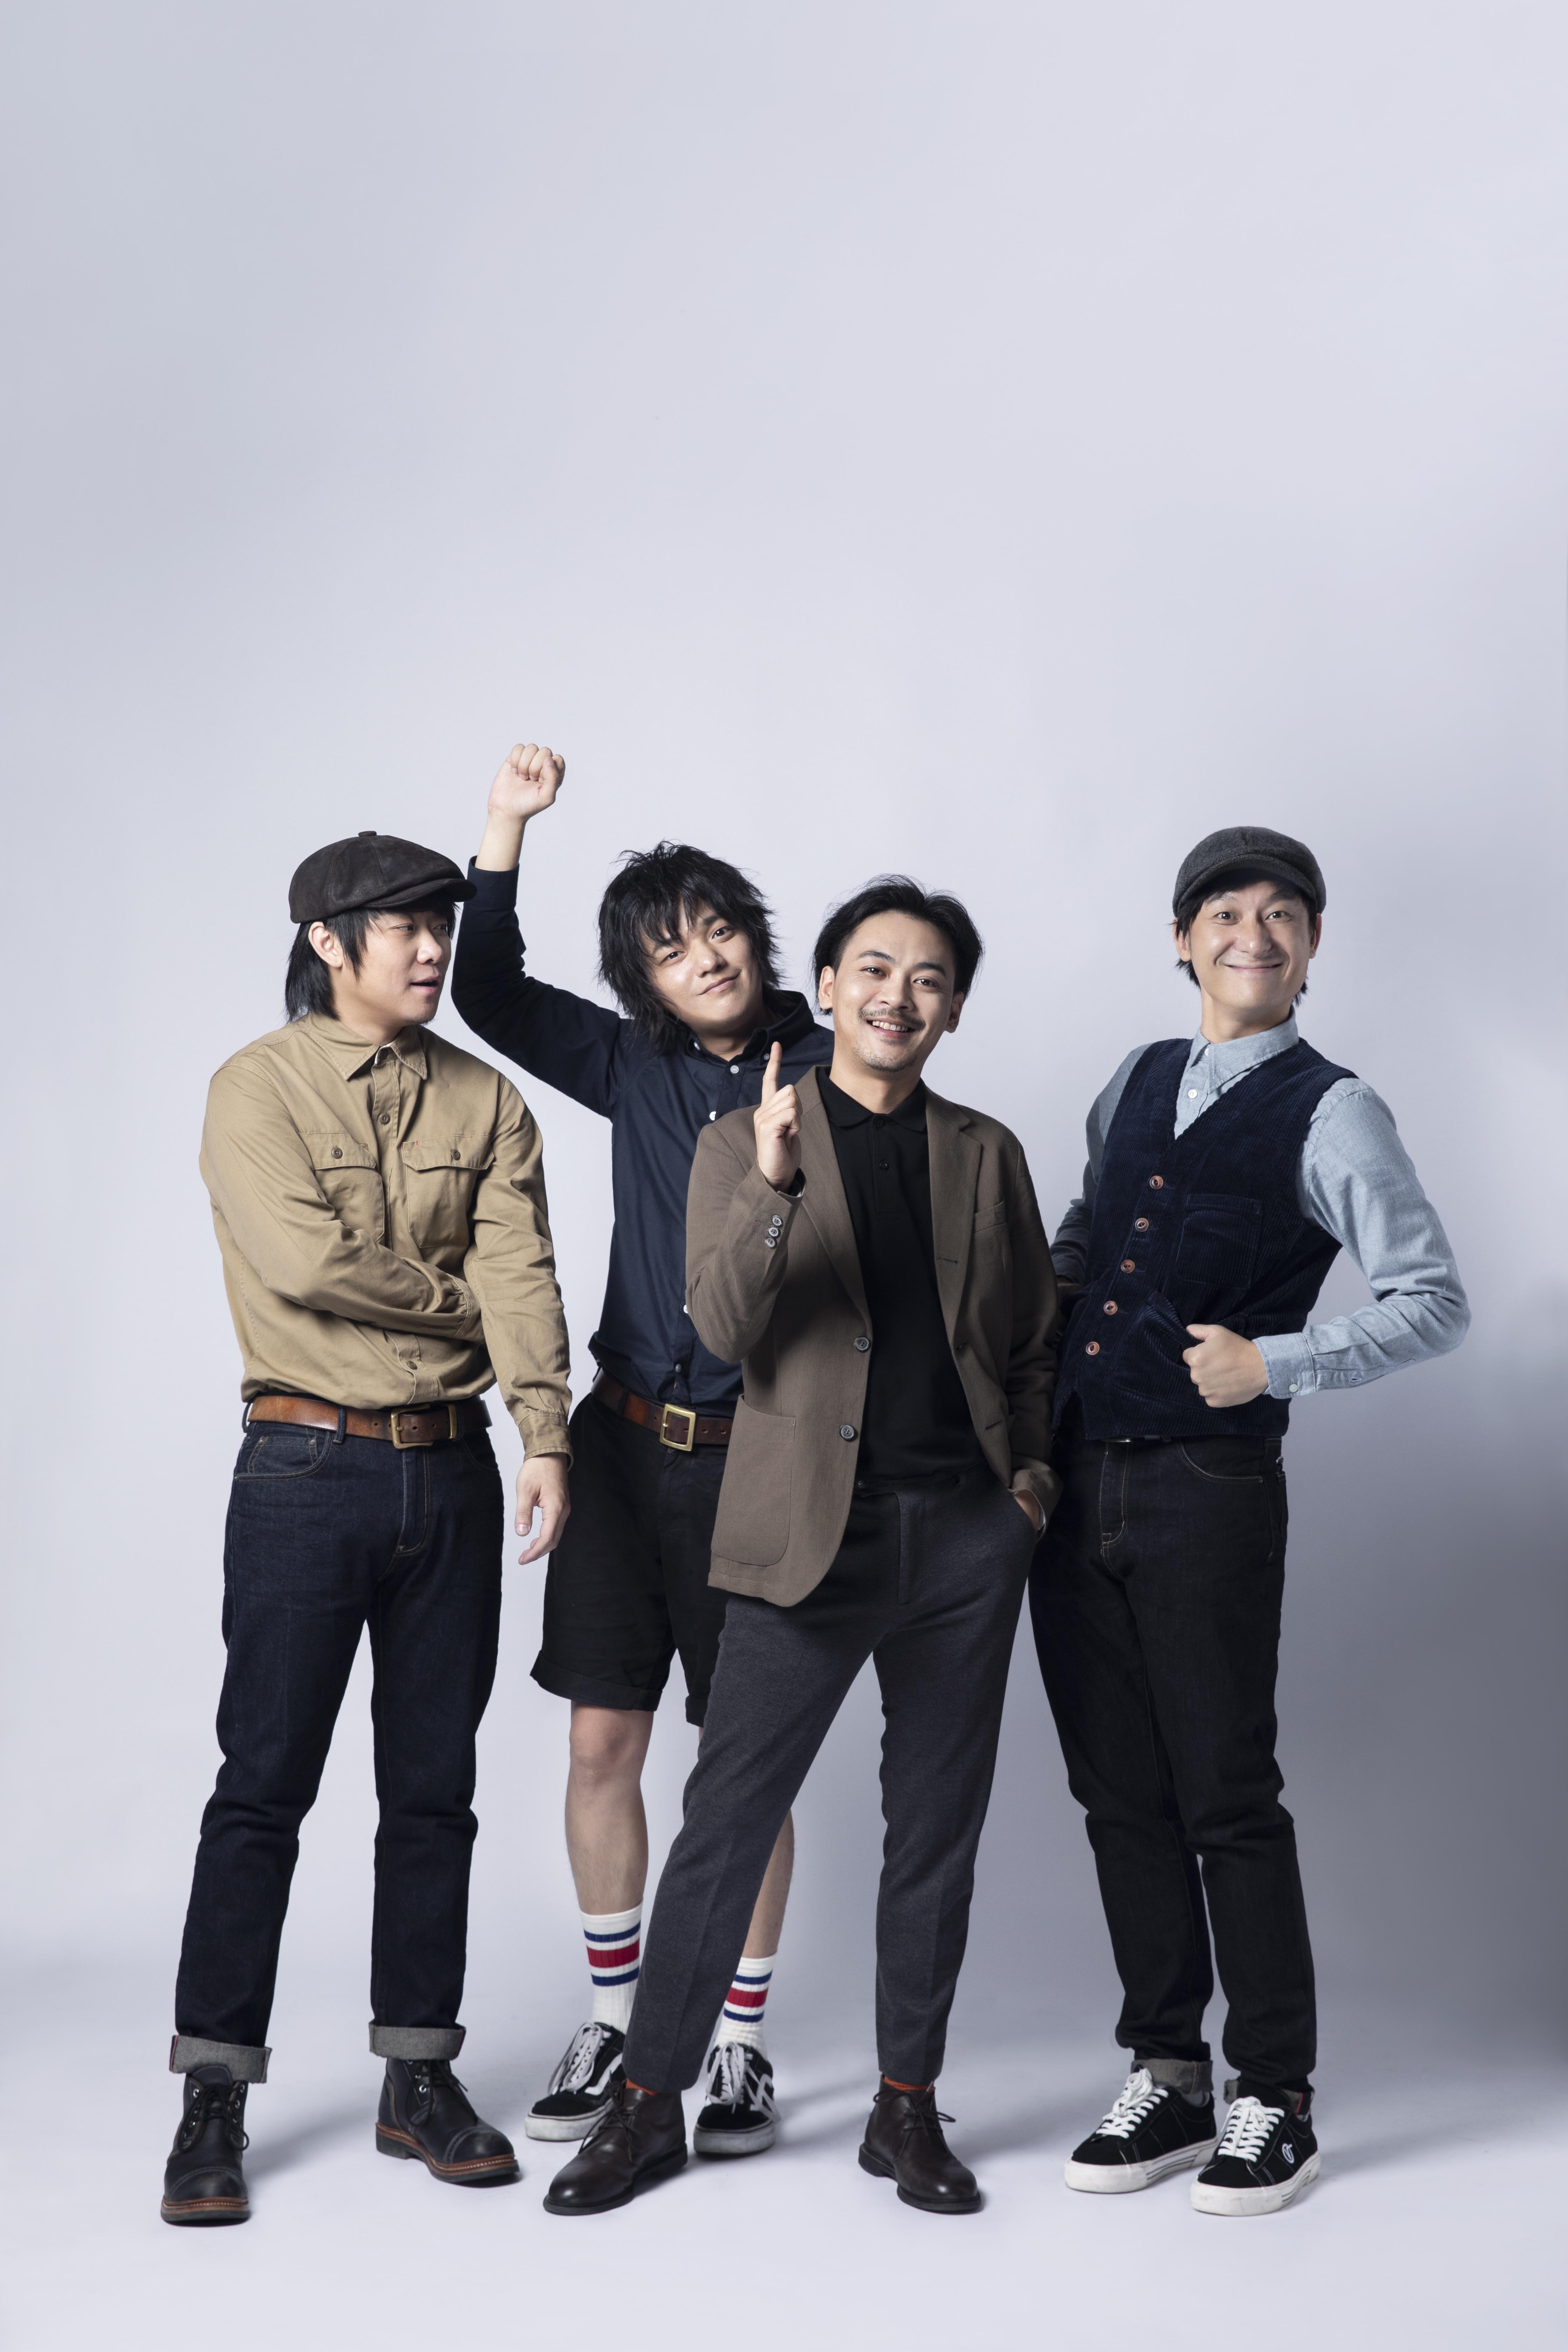 【苏州站】「为爱插电」岛屿心情 / 回春丹 联合演出LVH